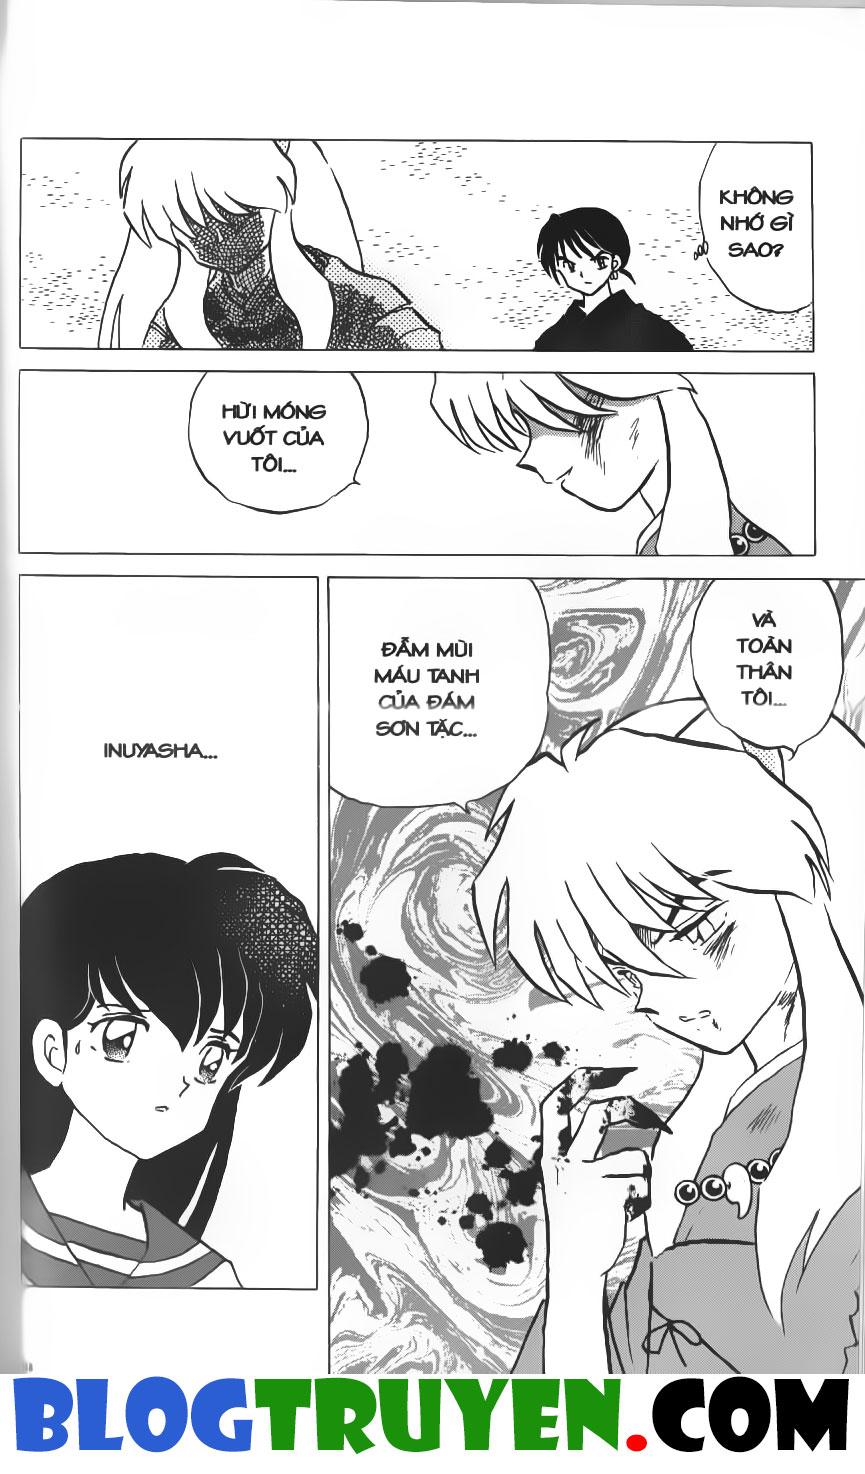 Inuyasha vol 19.9 trang 11